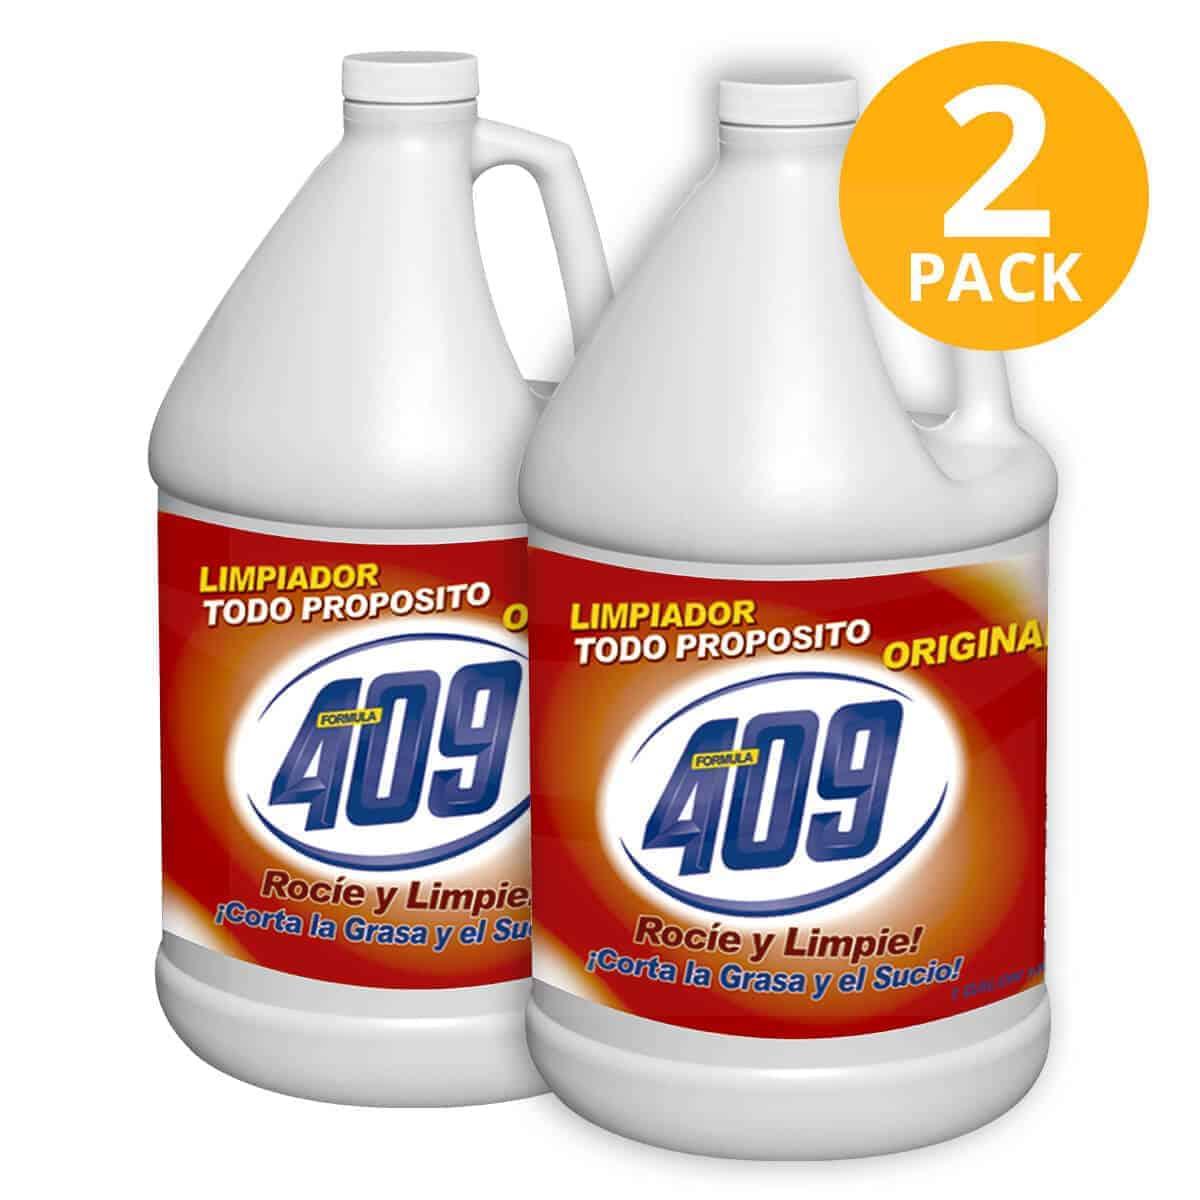 Limpiador 409 Regular Todo Propósito, 1 Galón (Pack de 2)